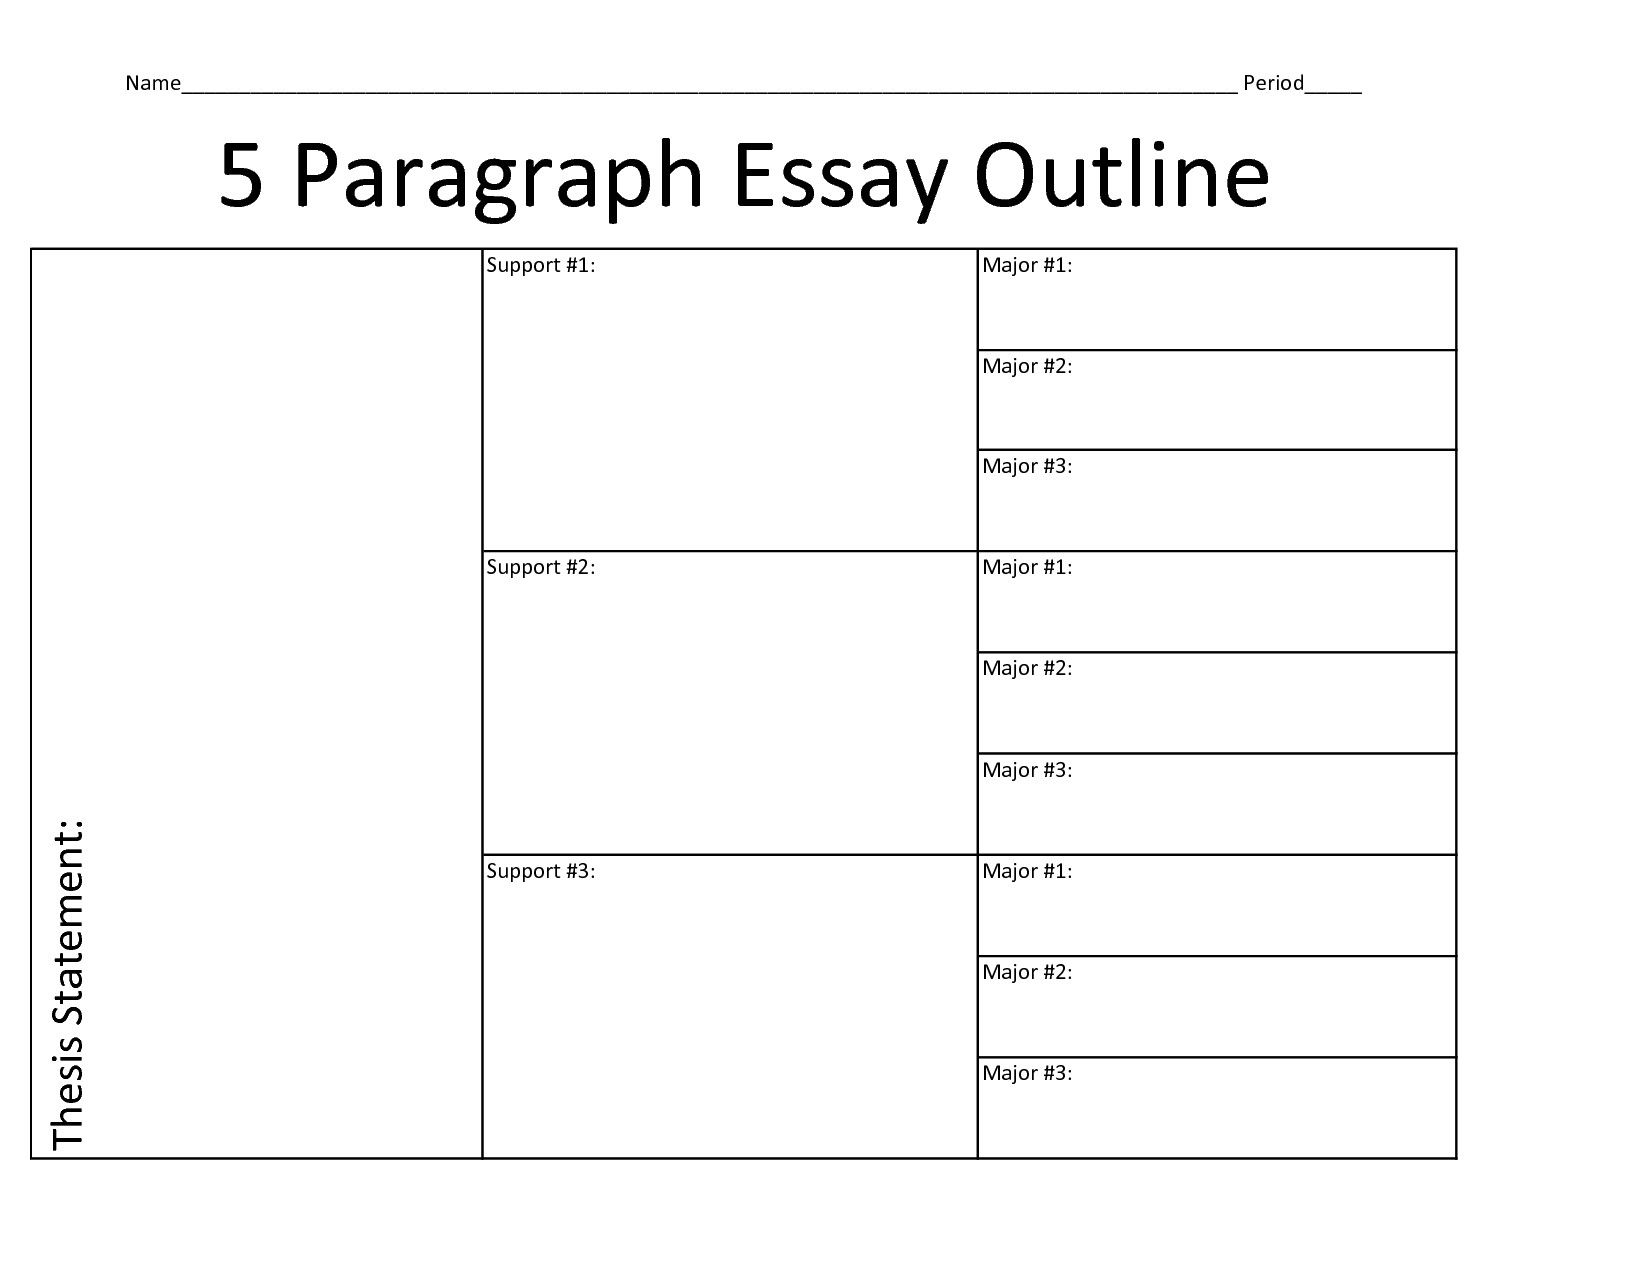 5 Paragraph Essay Outline Template Excellent Essay Outline Template Of 32 Top 5 Paragraph Ess Essay Outline Persuasive Essay Outline Essay Outline Format